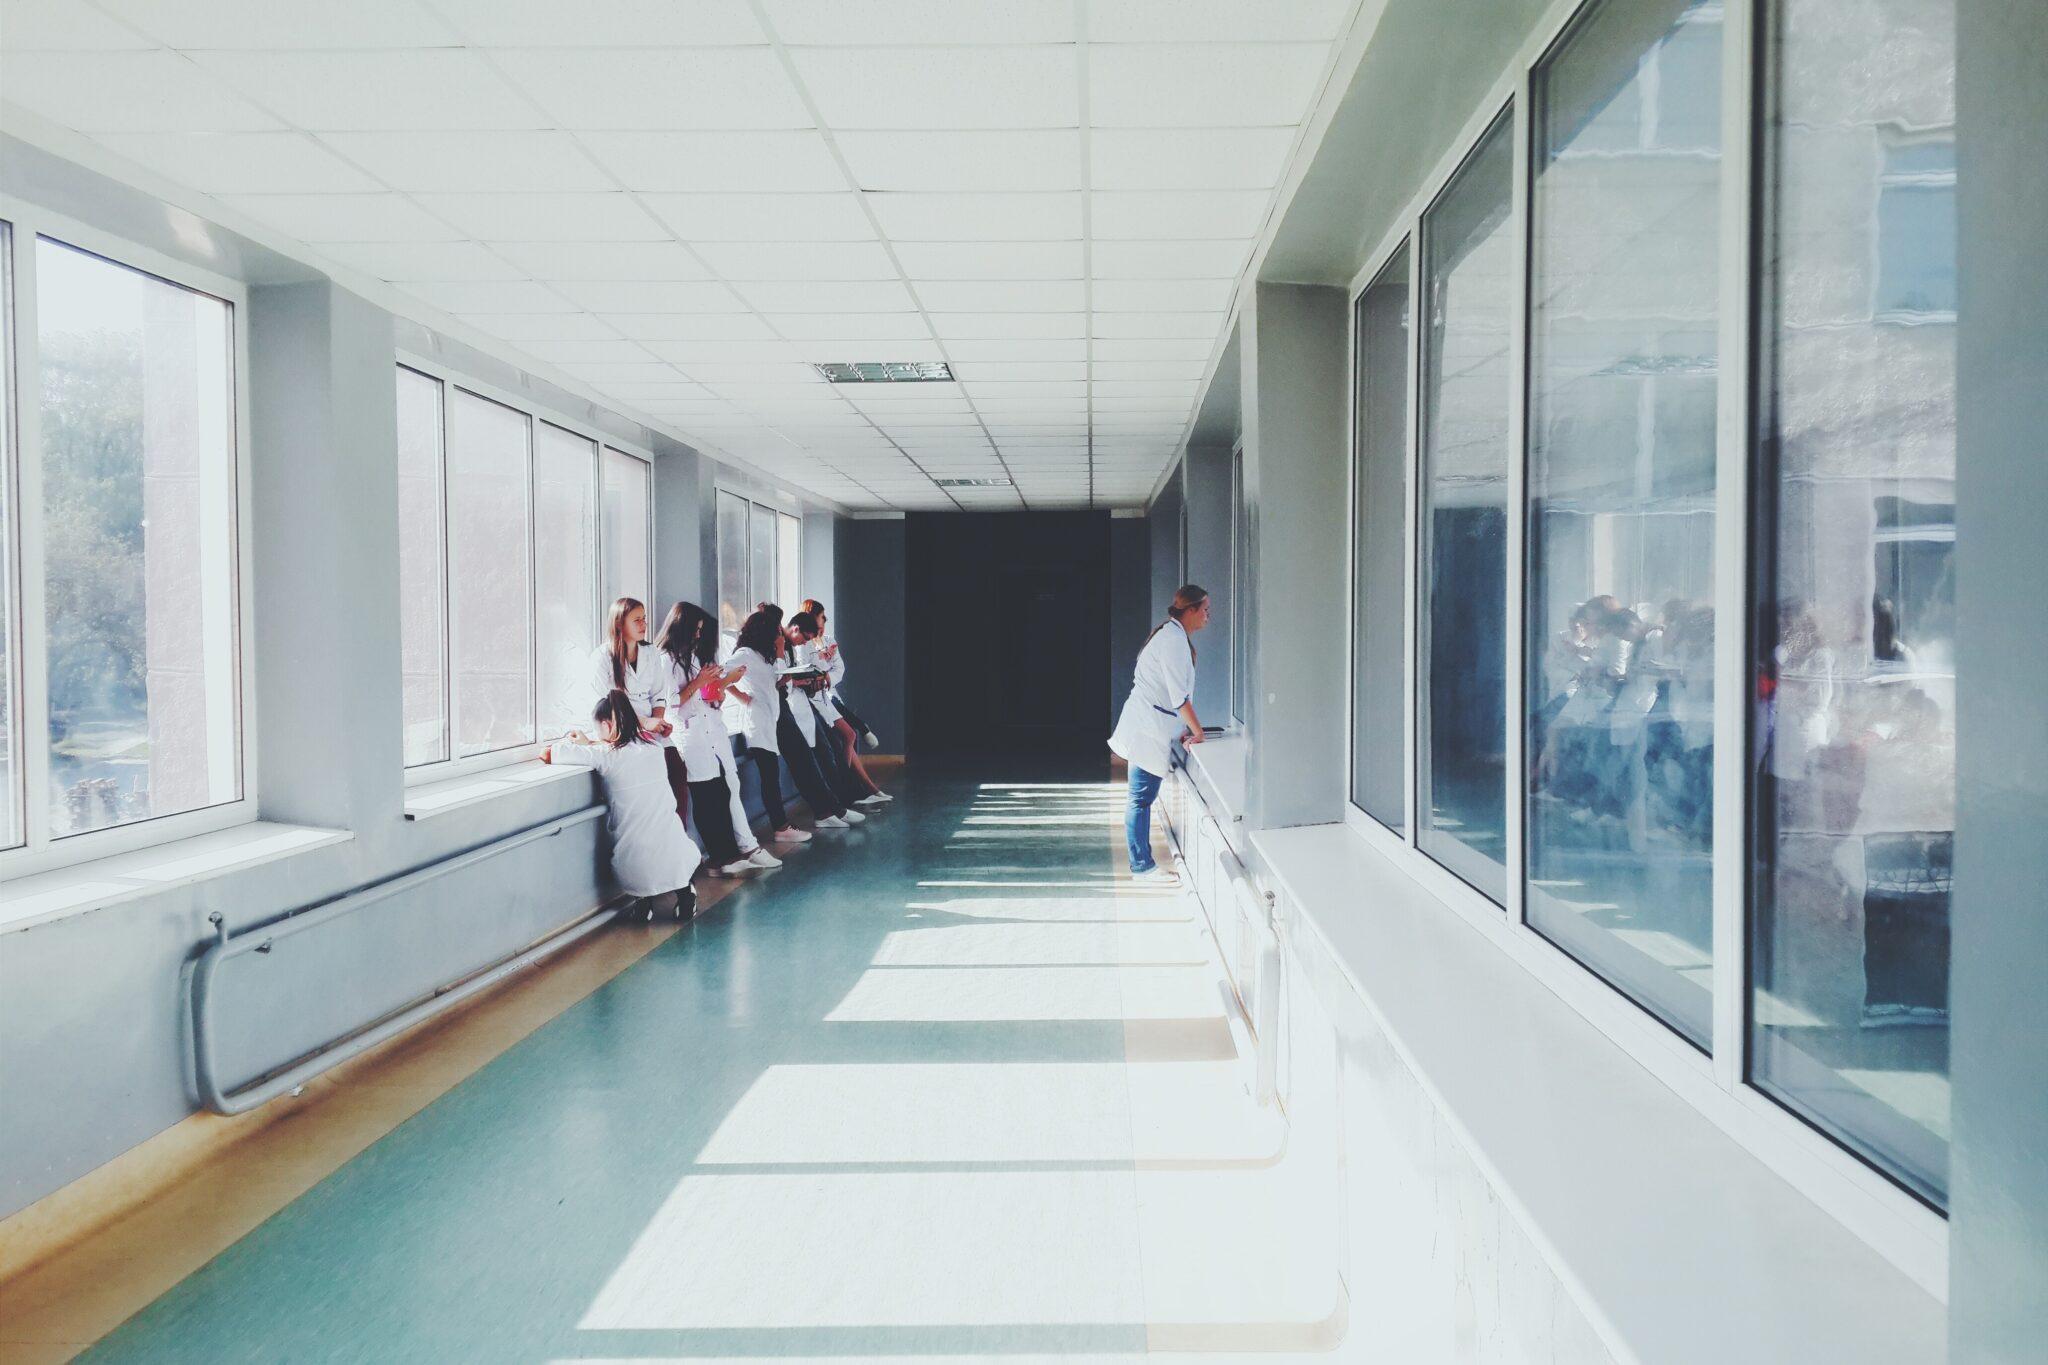 ospedali 5g